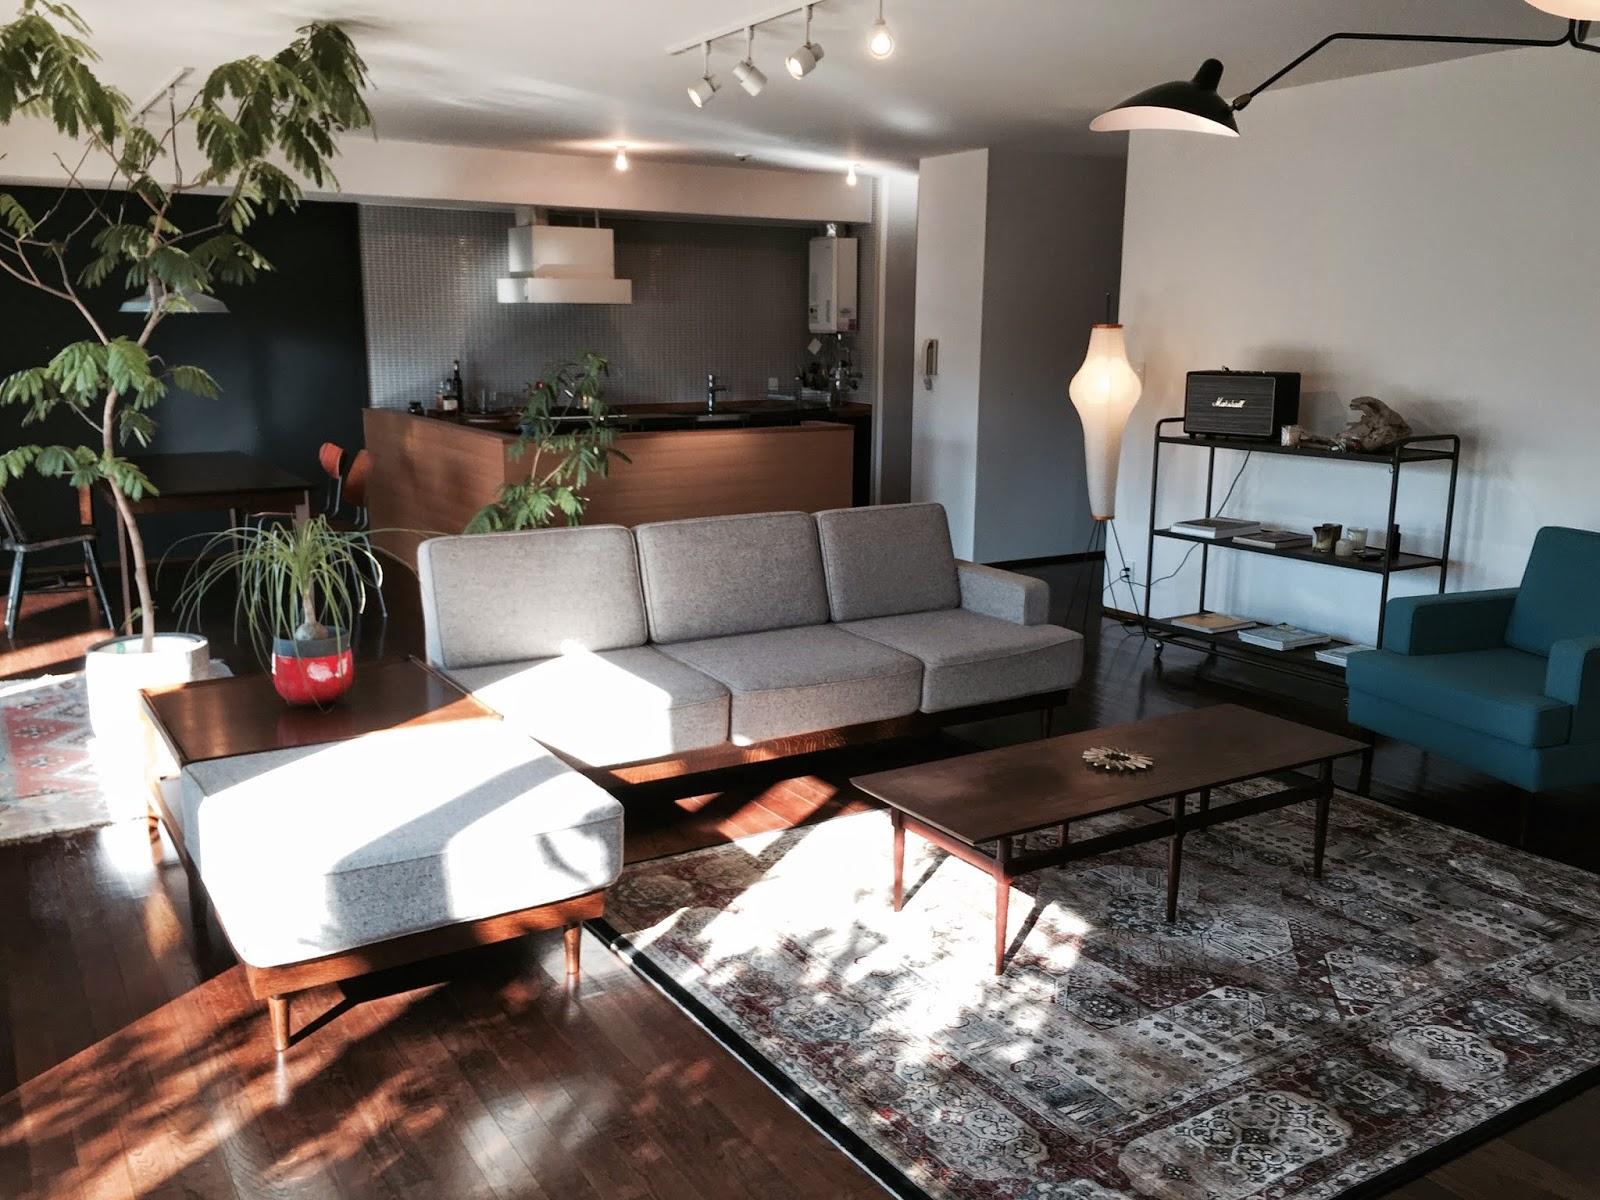 個人宅ハウススタジオ / リビング / スタンダードトレードの家具 | the